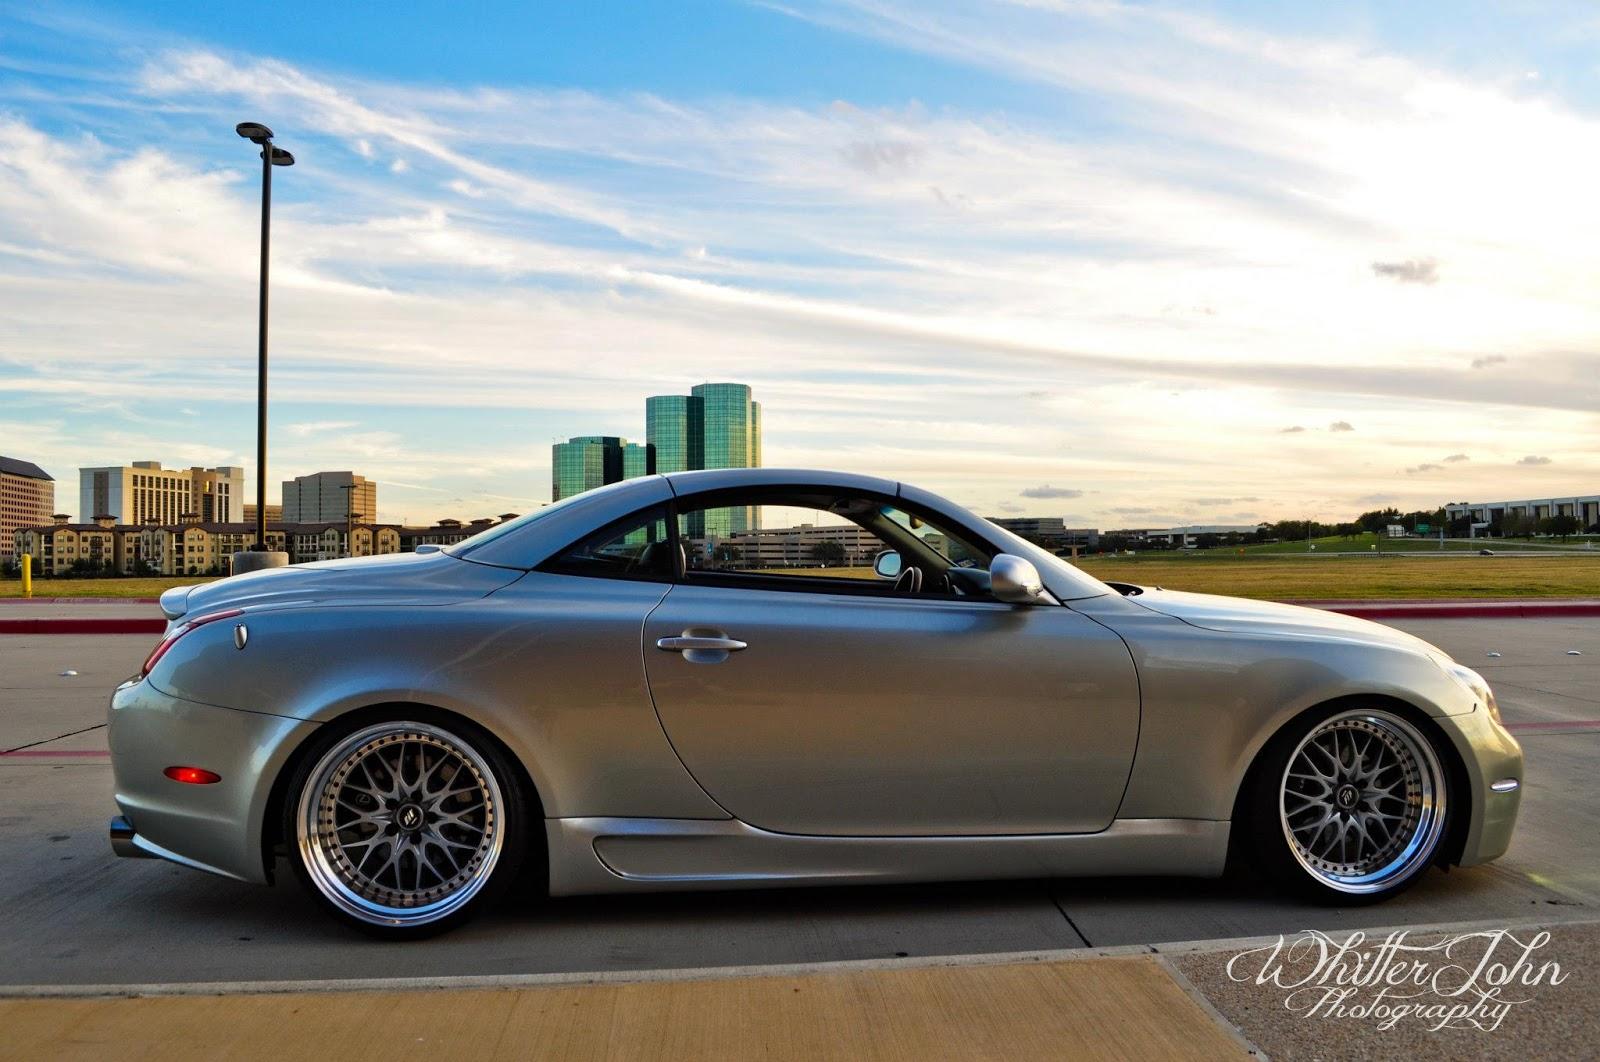 Lexus SC430, kabriolet z silnikiem V8, oryginalne samochody, ciekawy design aut, mało znane sportowe samochody, japońska motoryzacja, fajne, zdjęcia